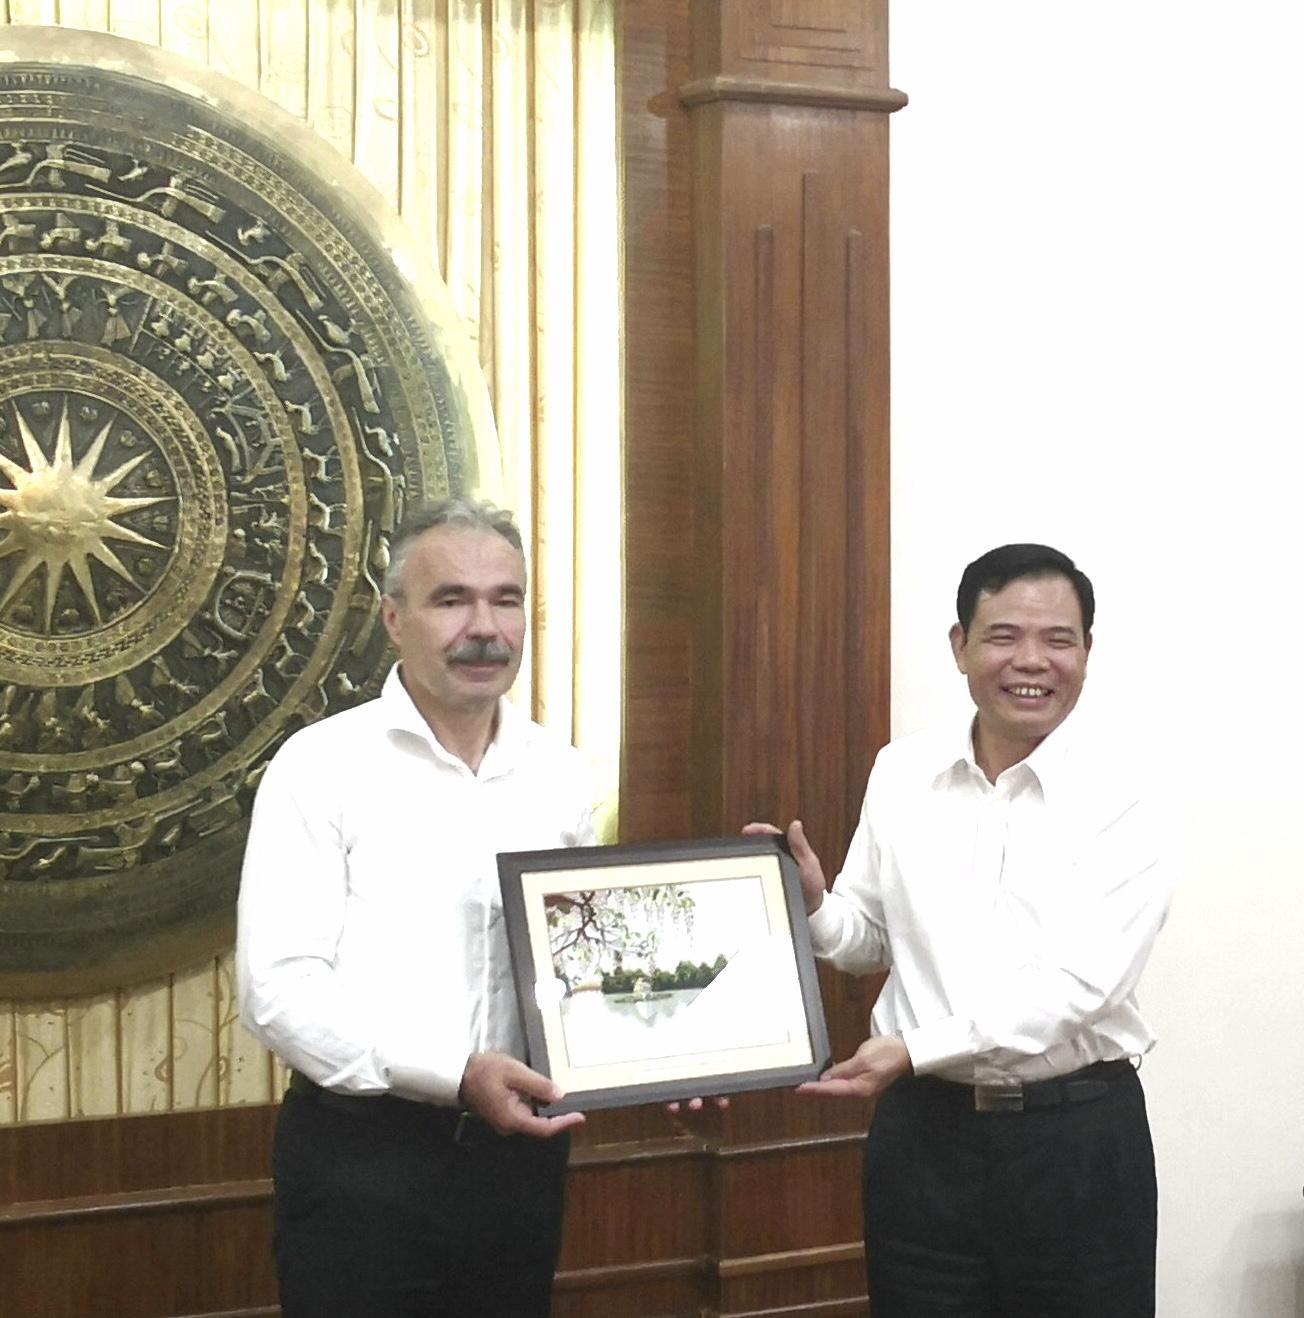 Szorosabb agrárdiplomácia Magyarország és Vietnam között - Nagy István agrárminiszter Vietnamban